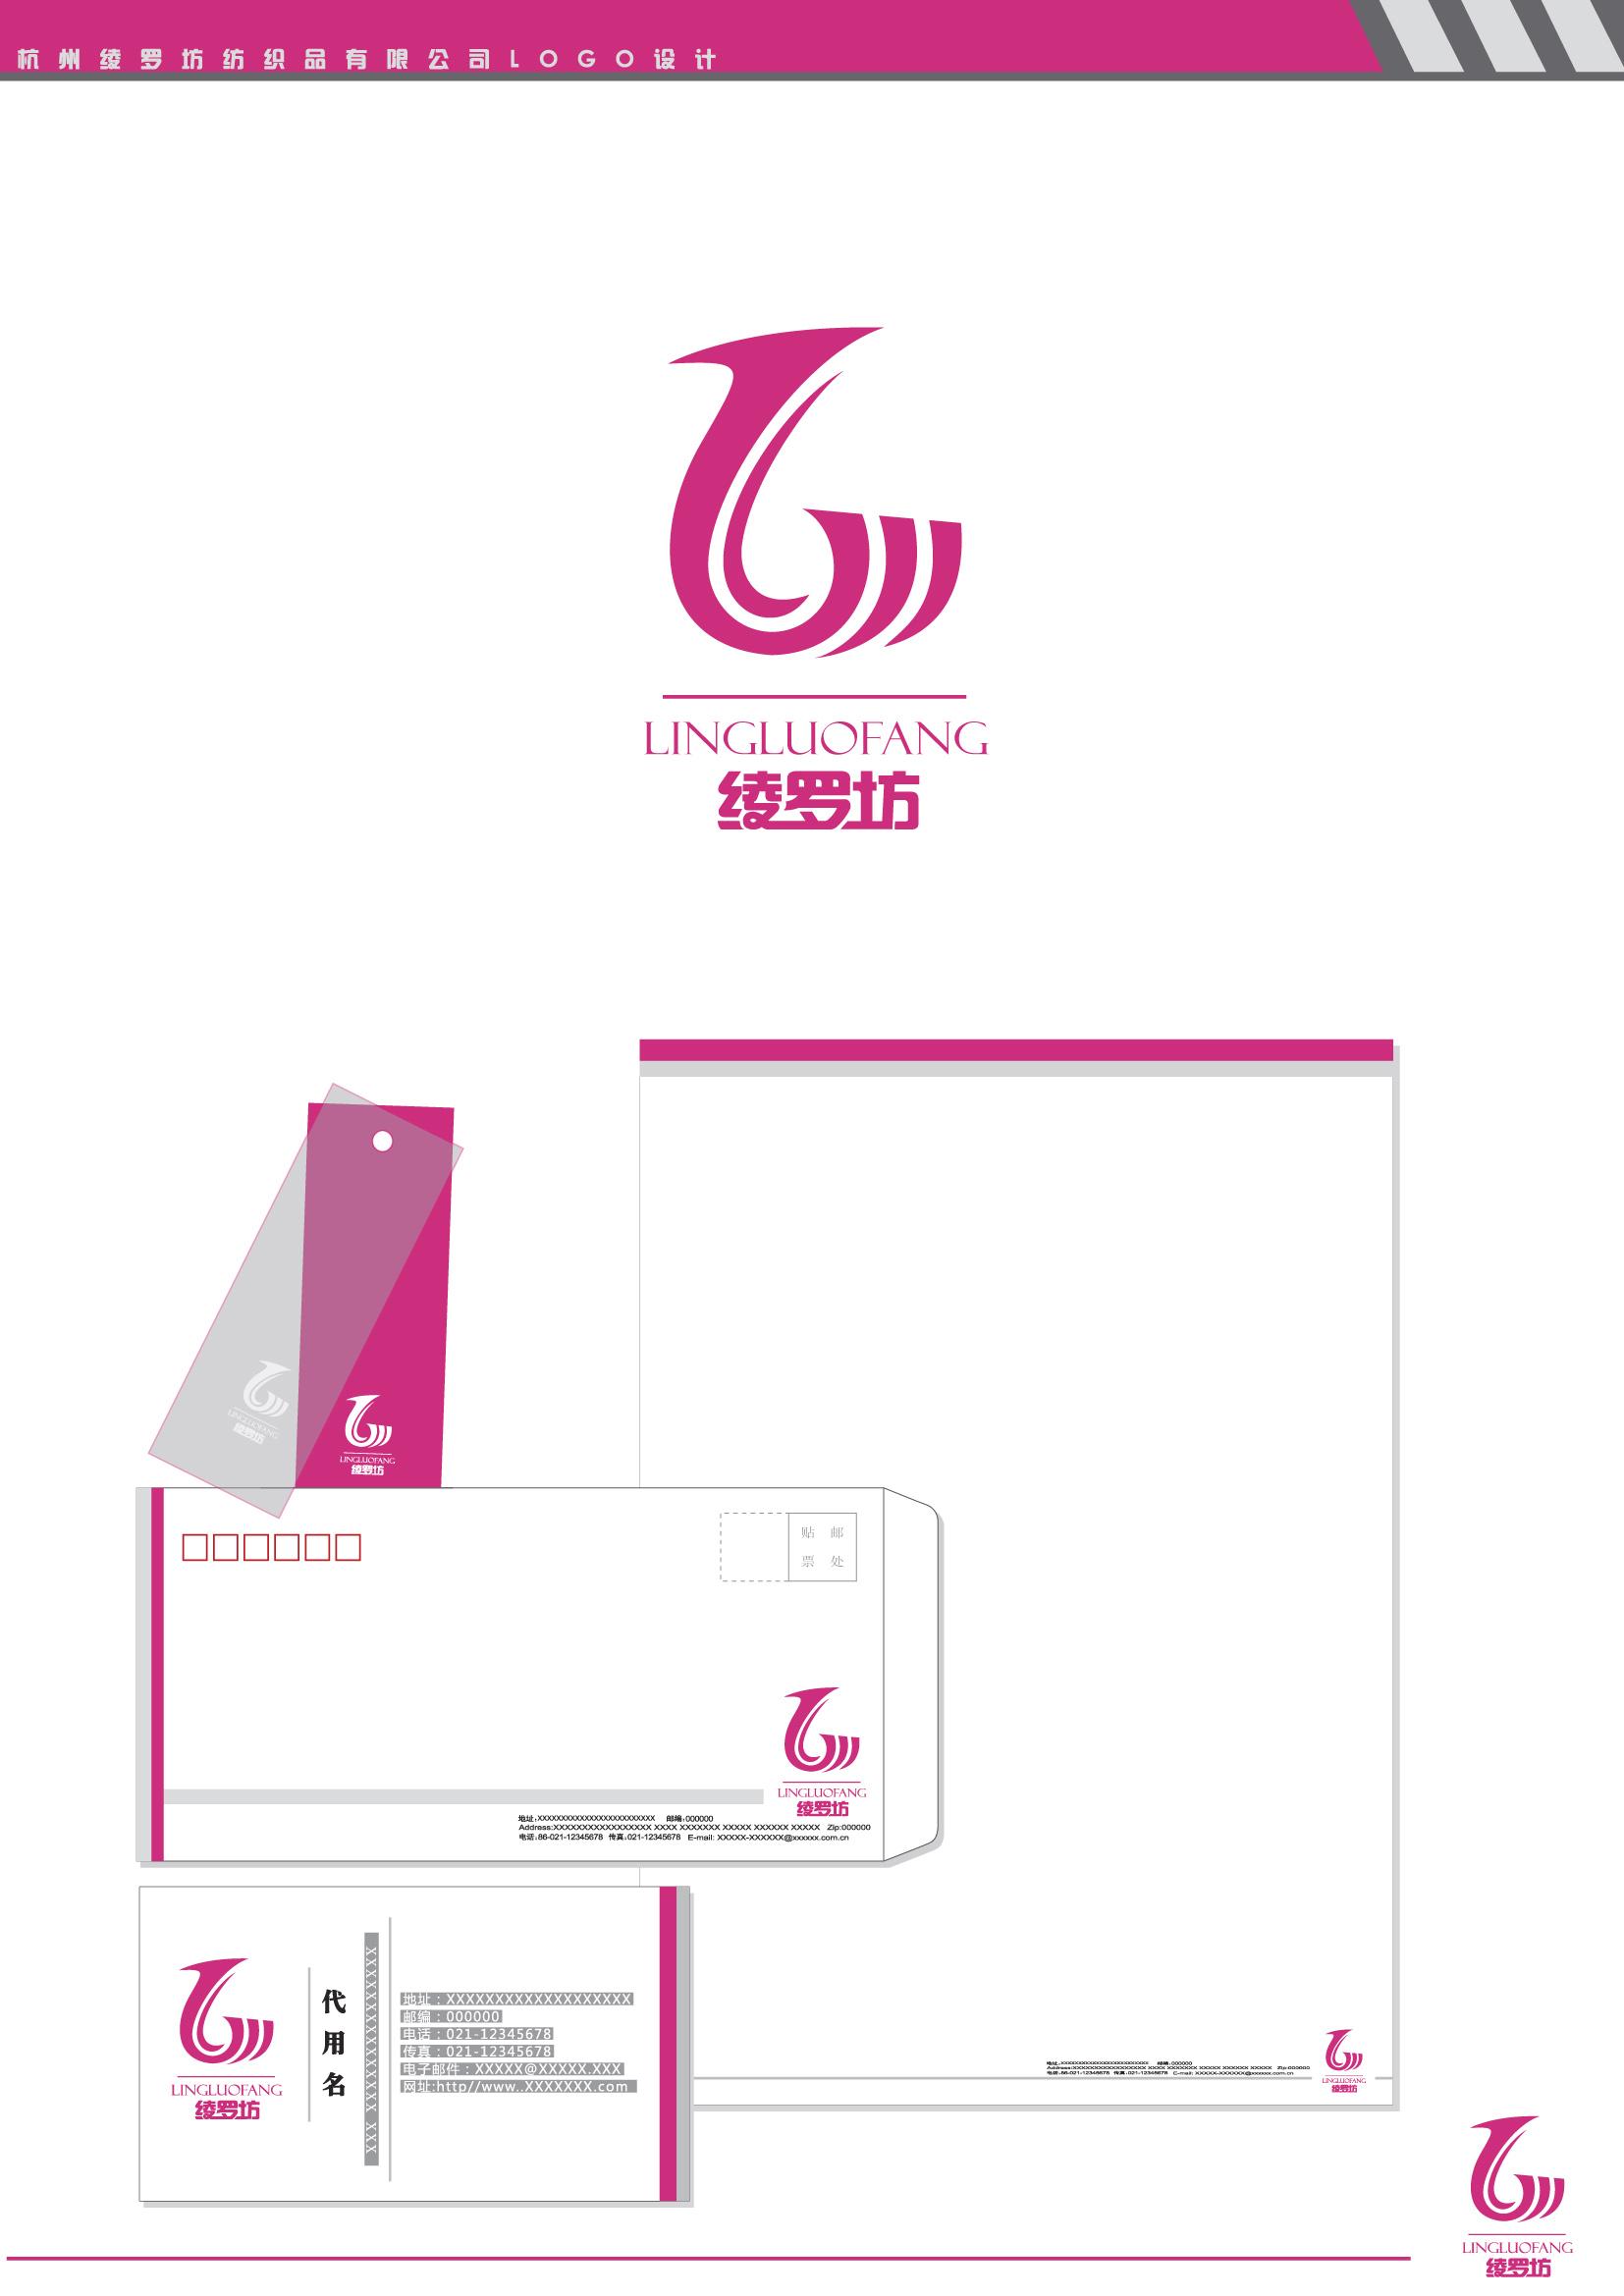 绫罗坊纺织品公司logo,vi设计